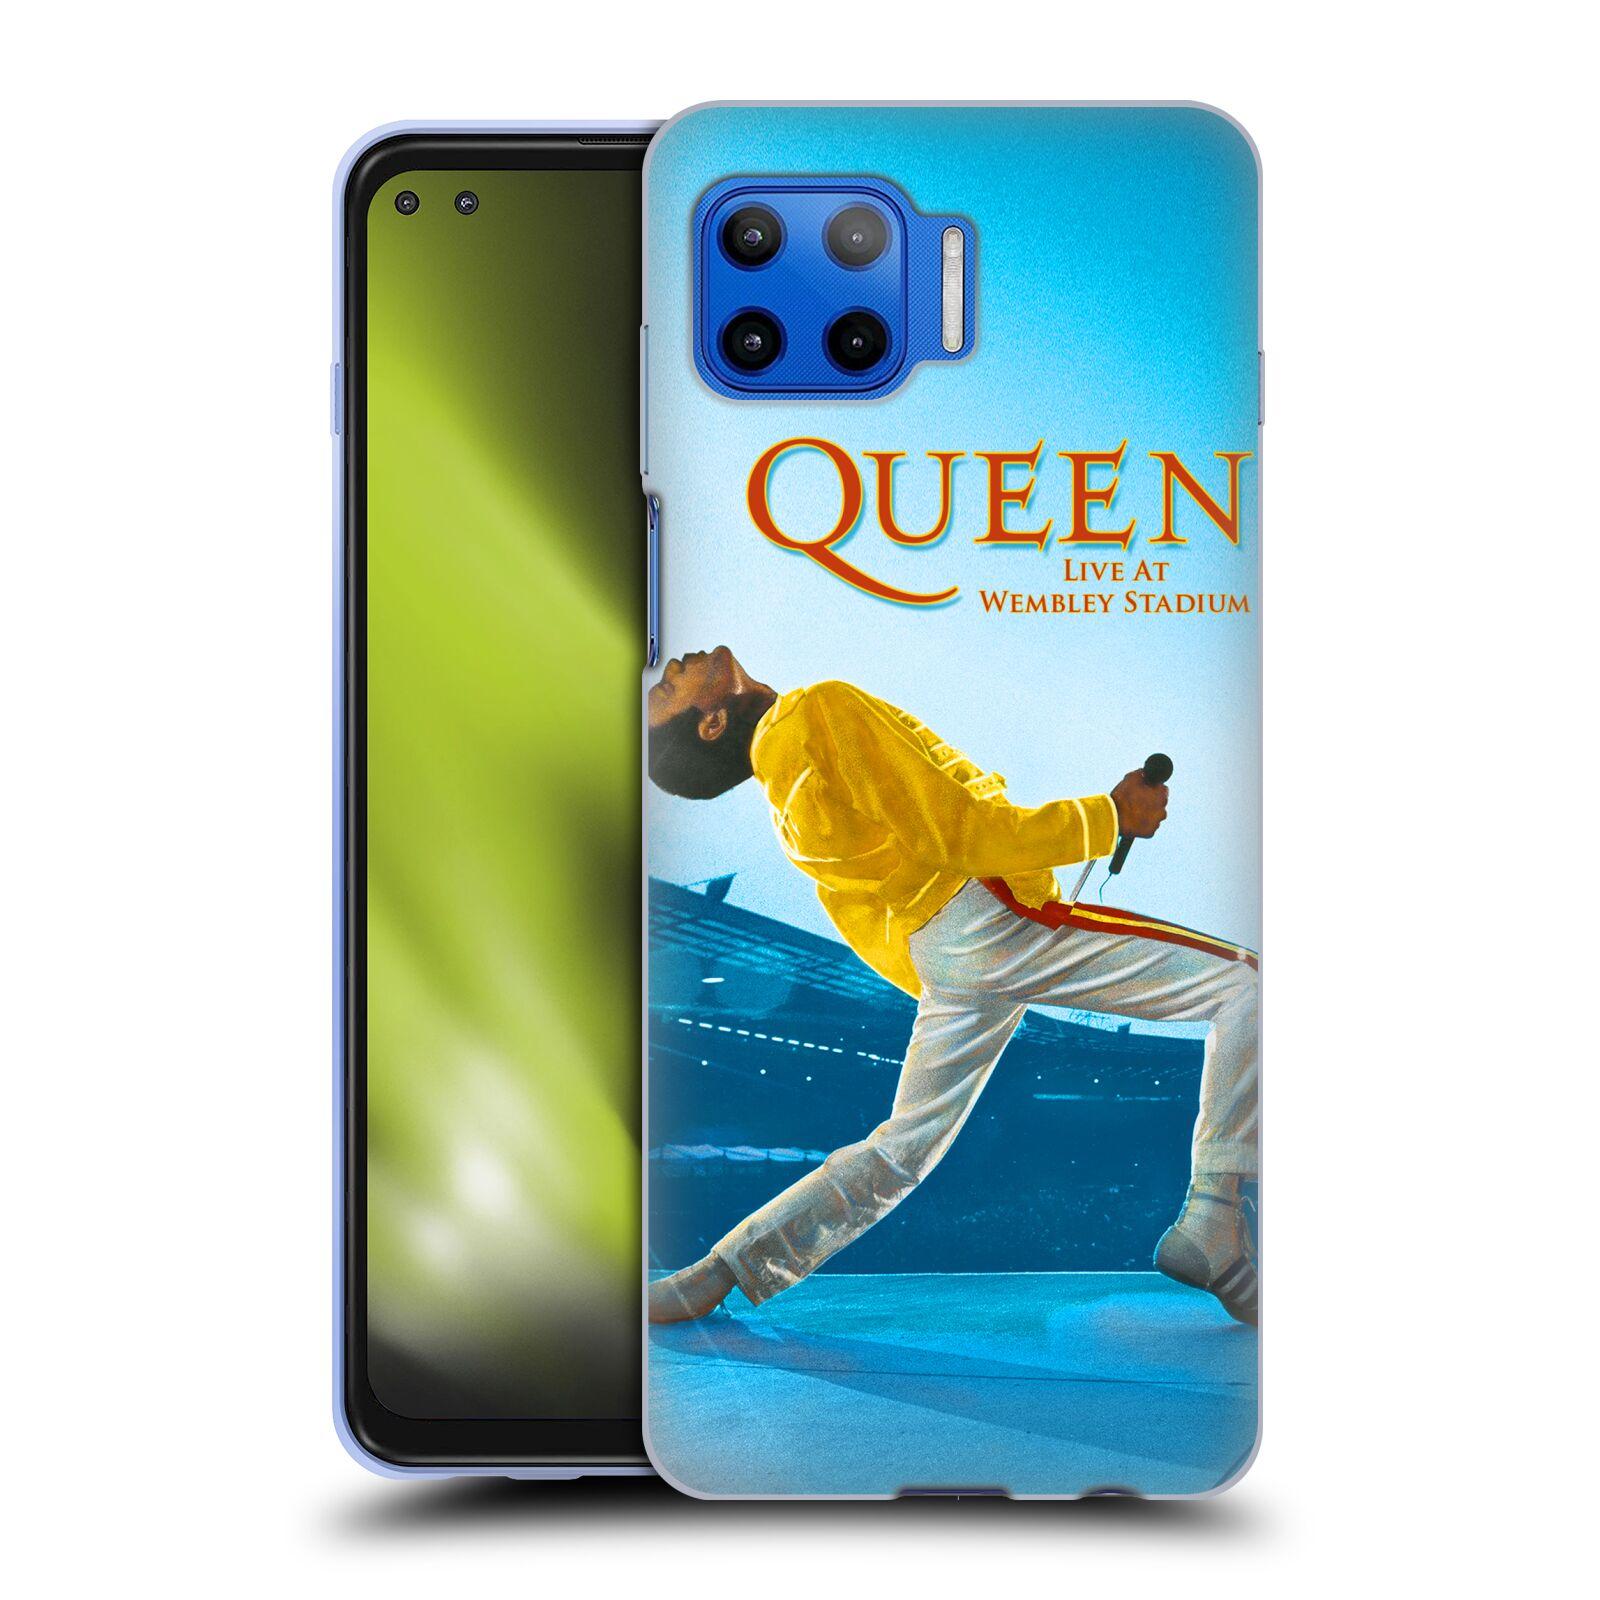 Silikonové pouzdro na mobil Motorola Moto G 5G Plus - Head Case - Queen - Freddie Mercury